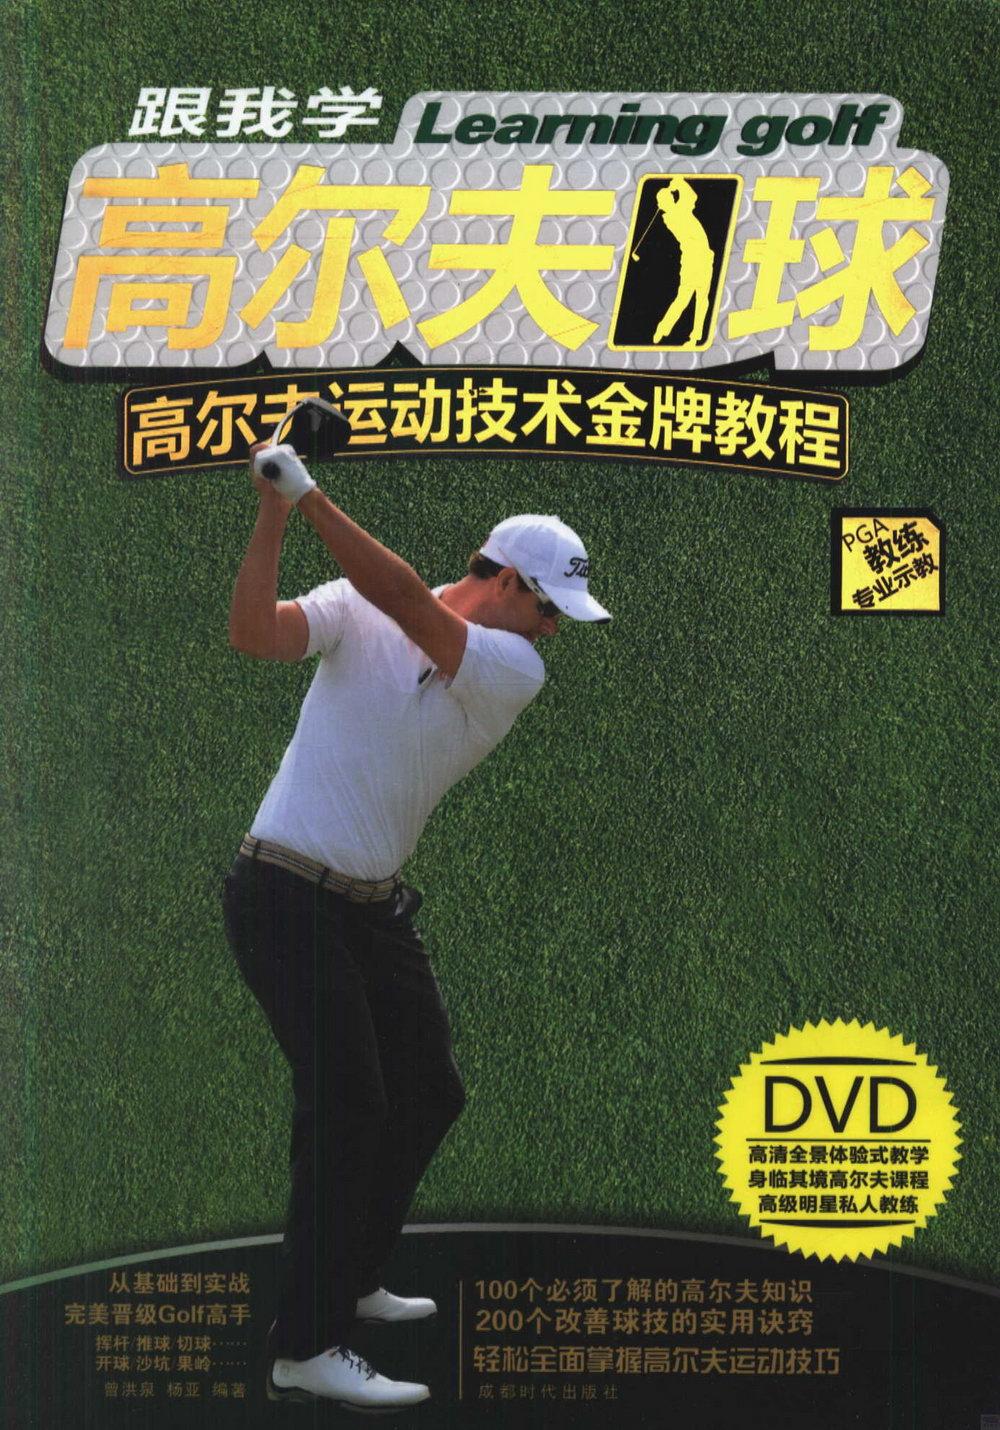 跟我學高爾夫球:高爾夫 技術金牌教程